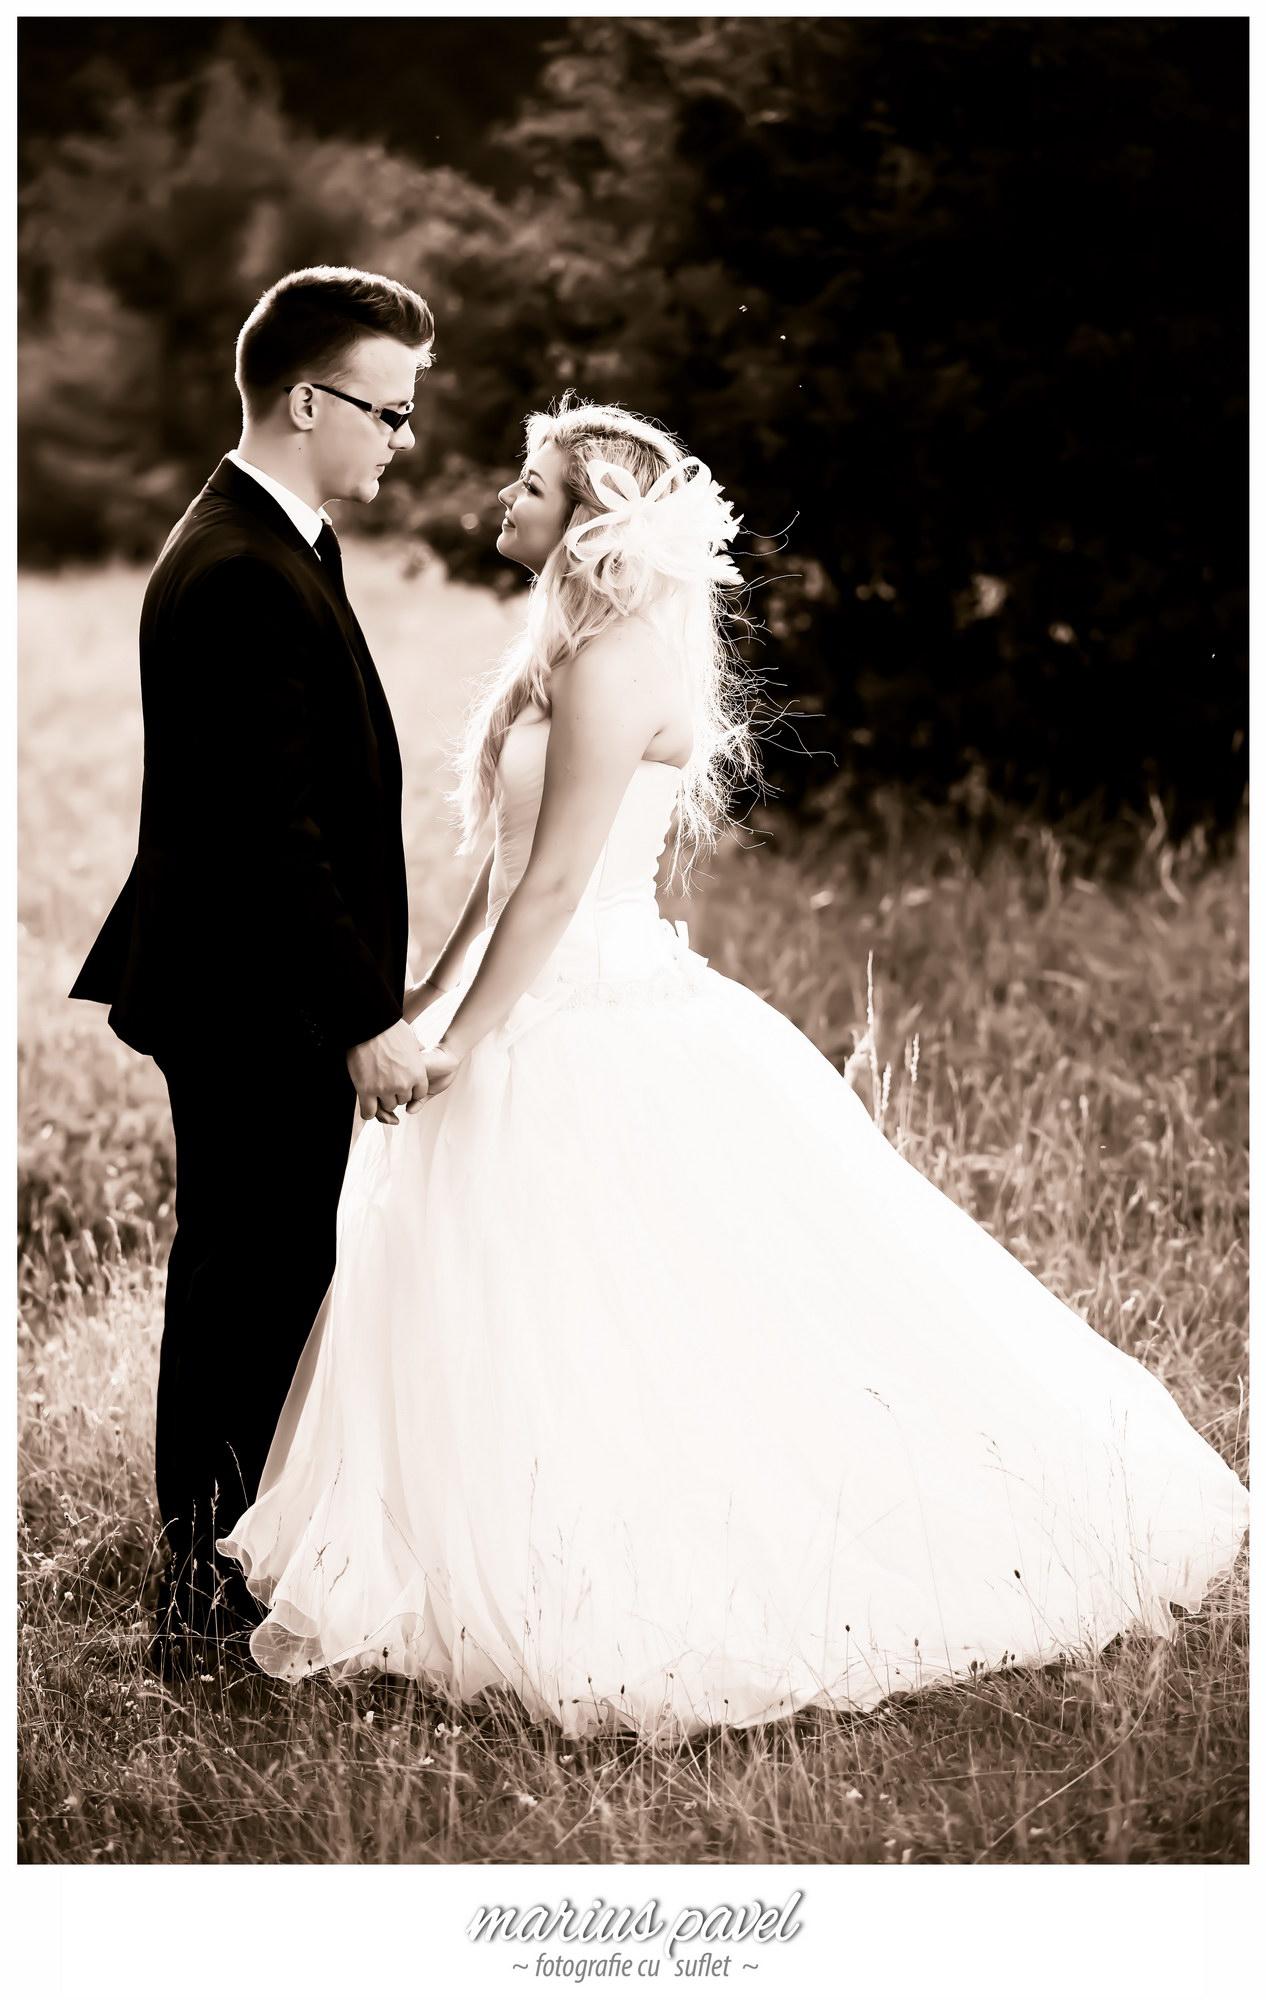 Sedinta fotografie nunta Brasov